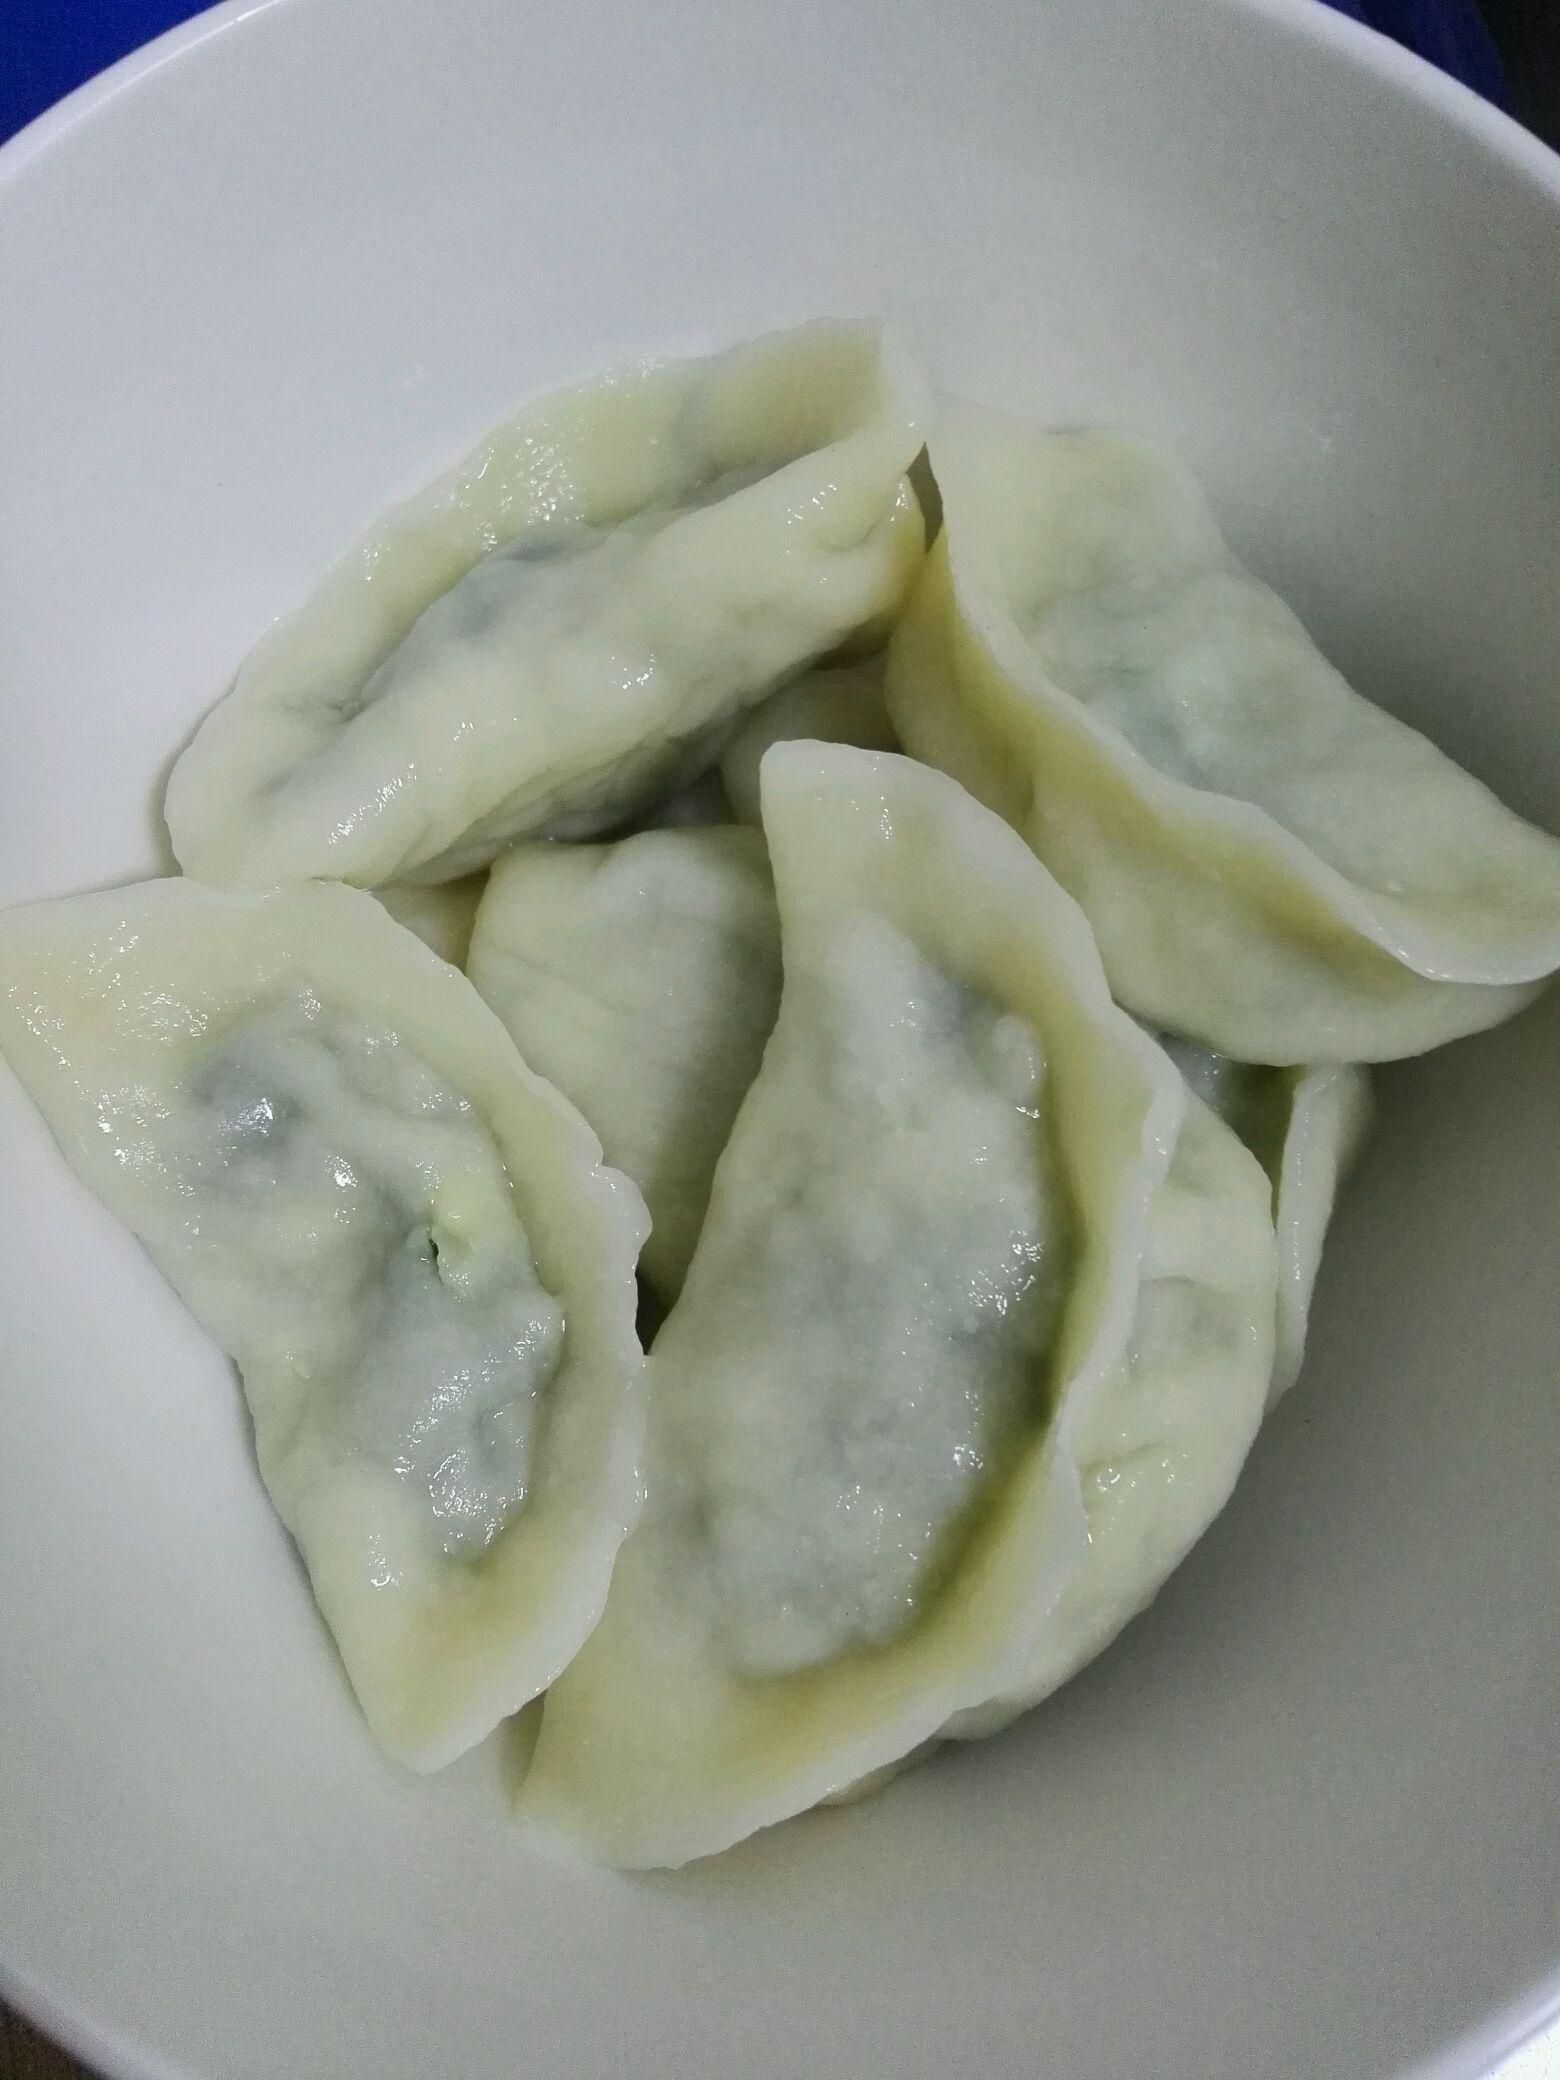 炒菜煲汤临锅时加入提鲜不口干 韭菜鸡蛋饺子的做法步骤 小贴士 1和面